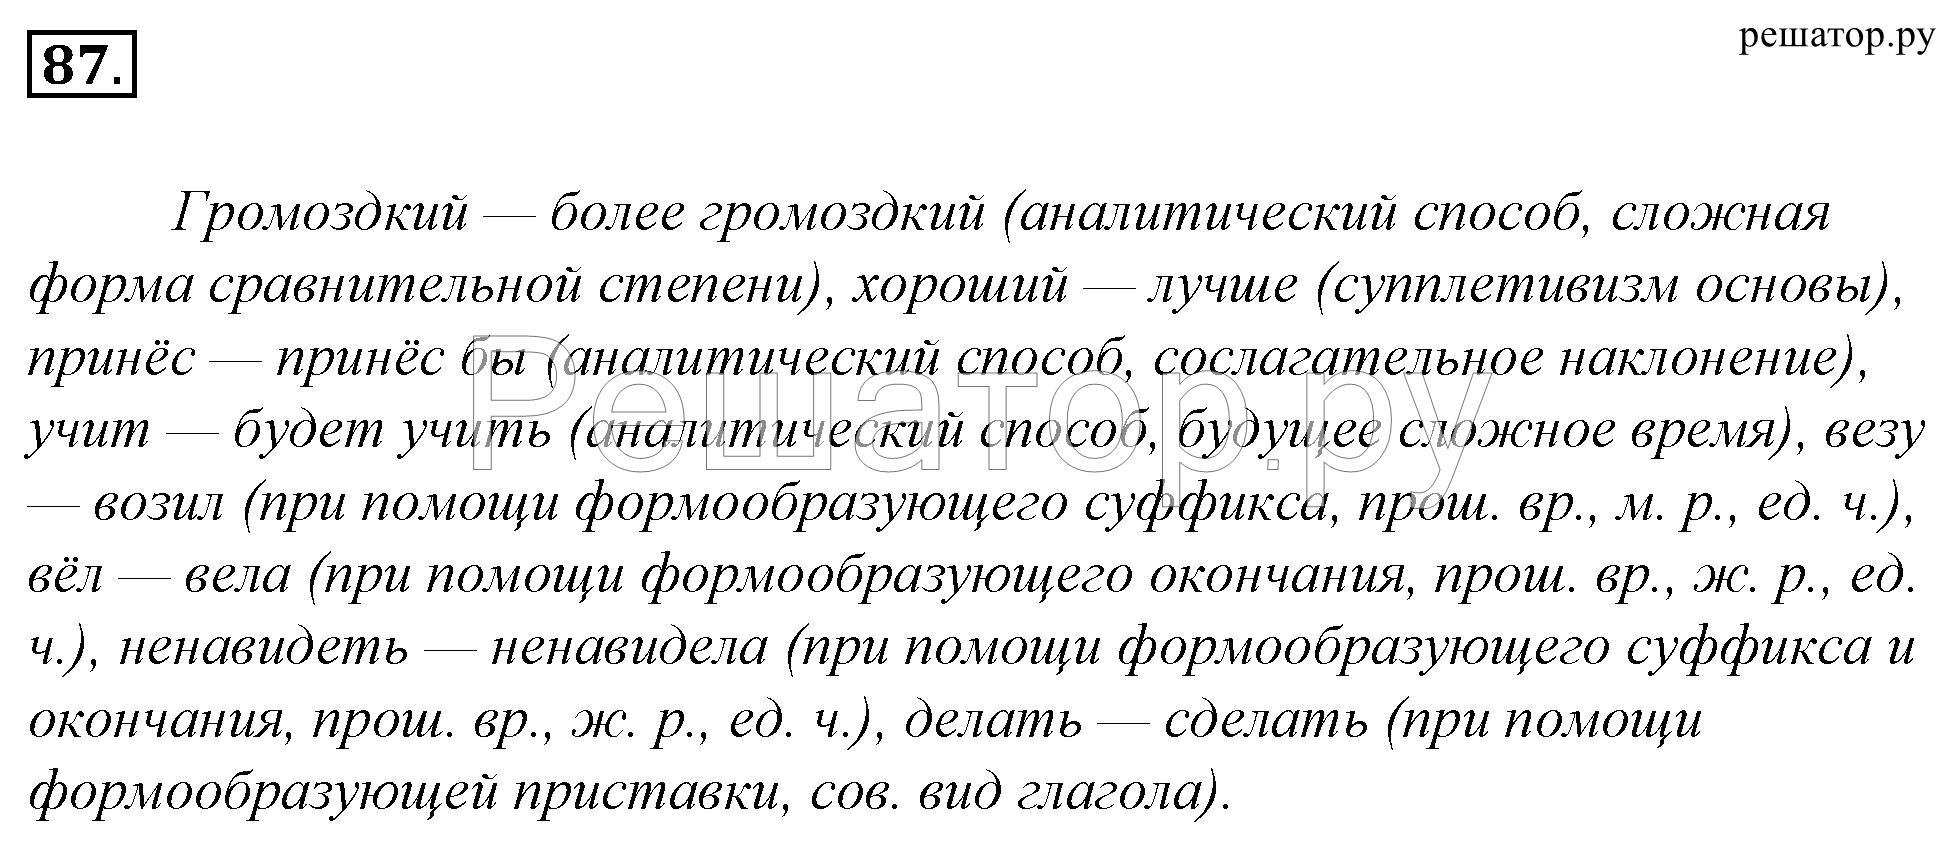 гдз по русскому 11 класс 2003